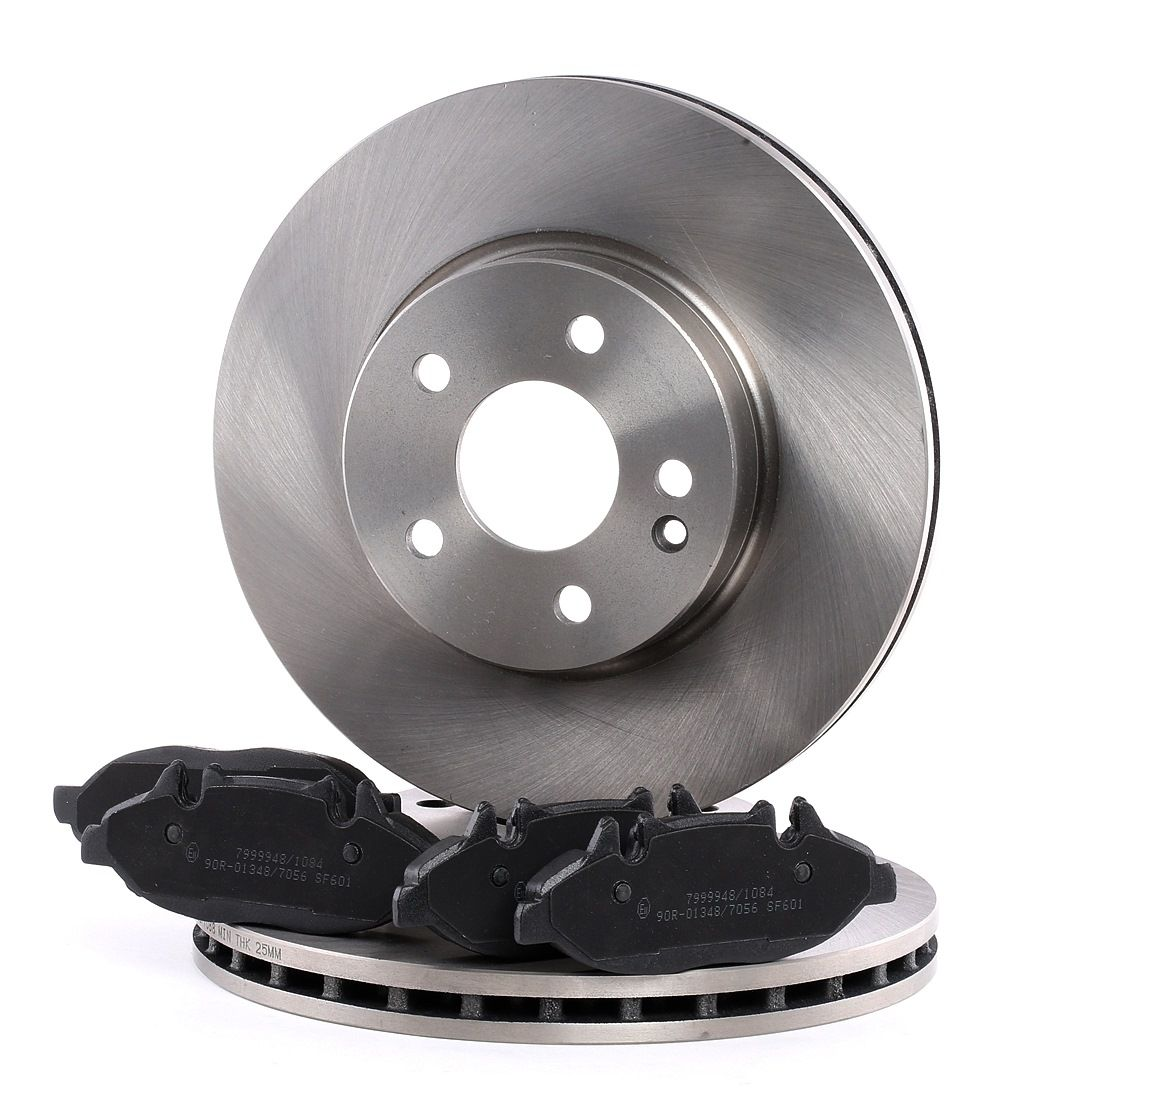 RIDEX: Original Bremsen Set 3405B0136 (Bremsscheibendicke: 28mm)